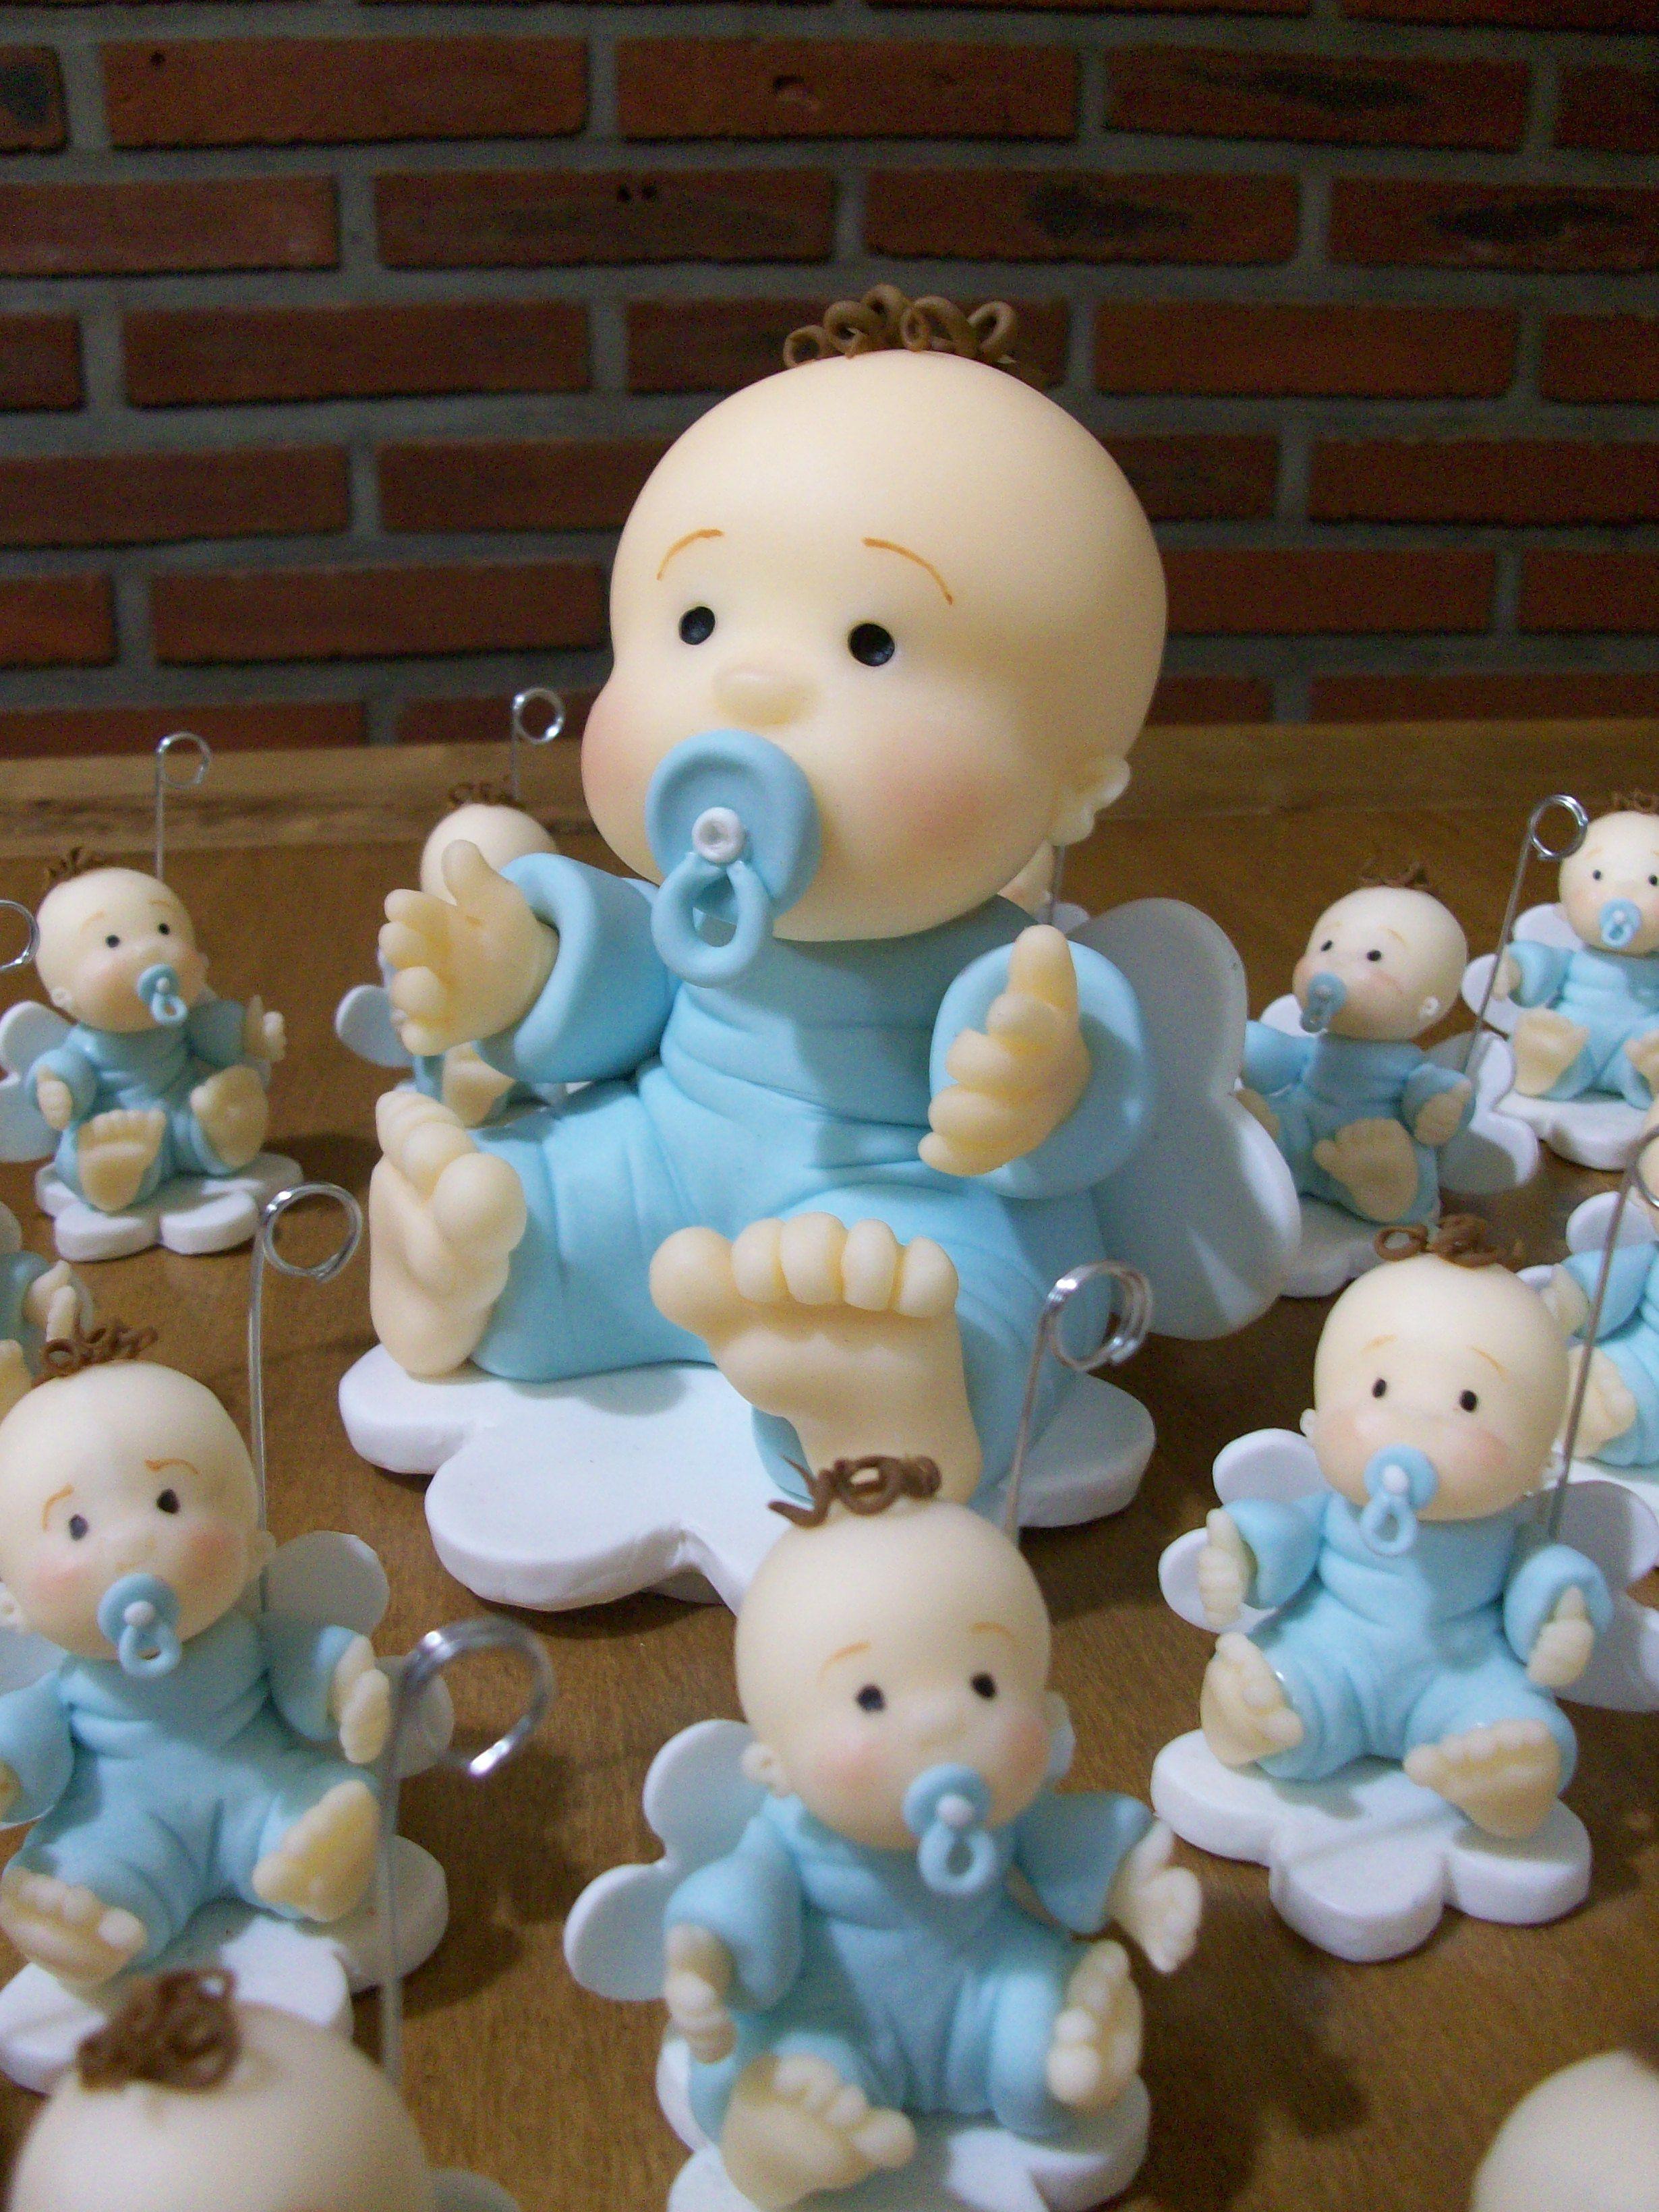 Souvenir Para Bautismo De Varon.Souvenirs Para Bautismo Bebes En Porcelana Fria Souvenirs